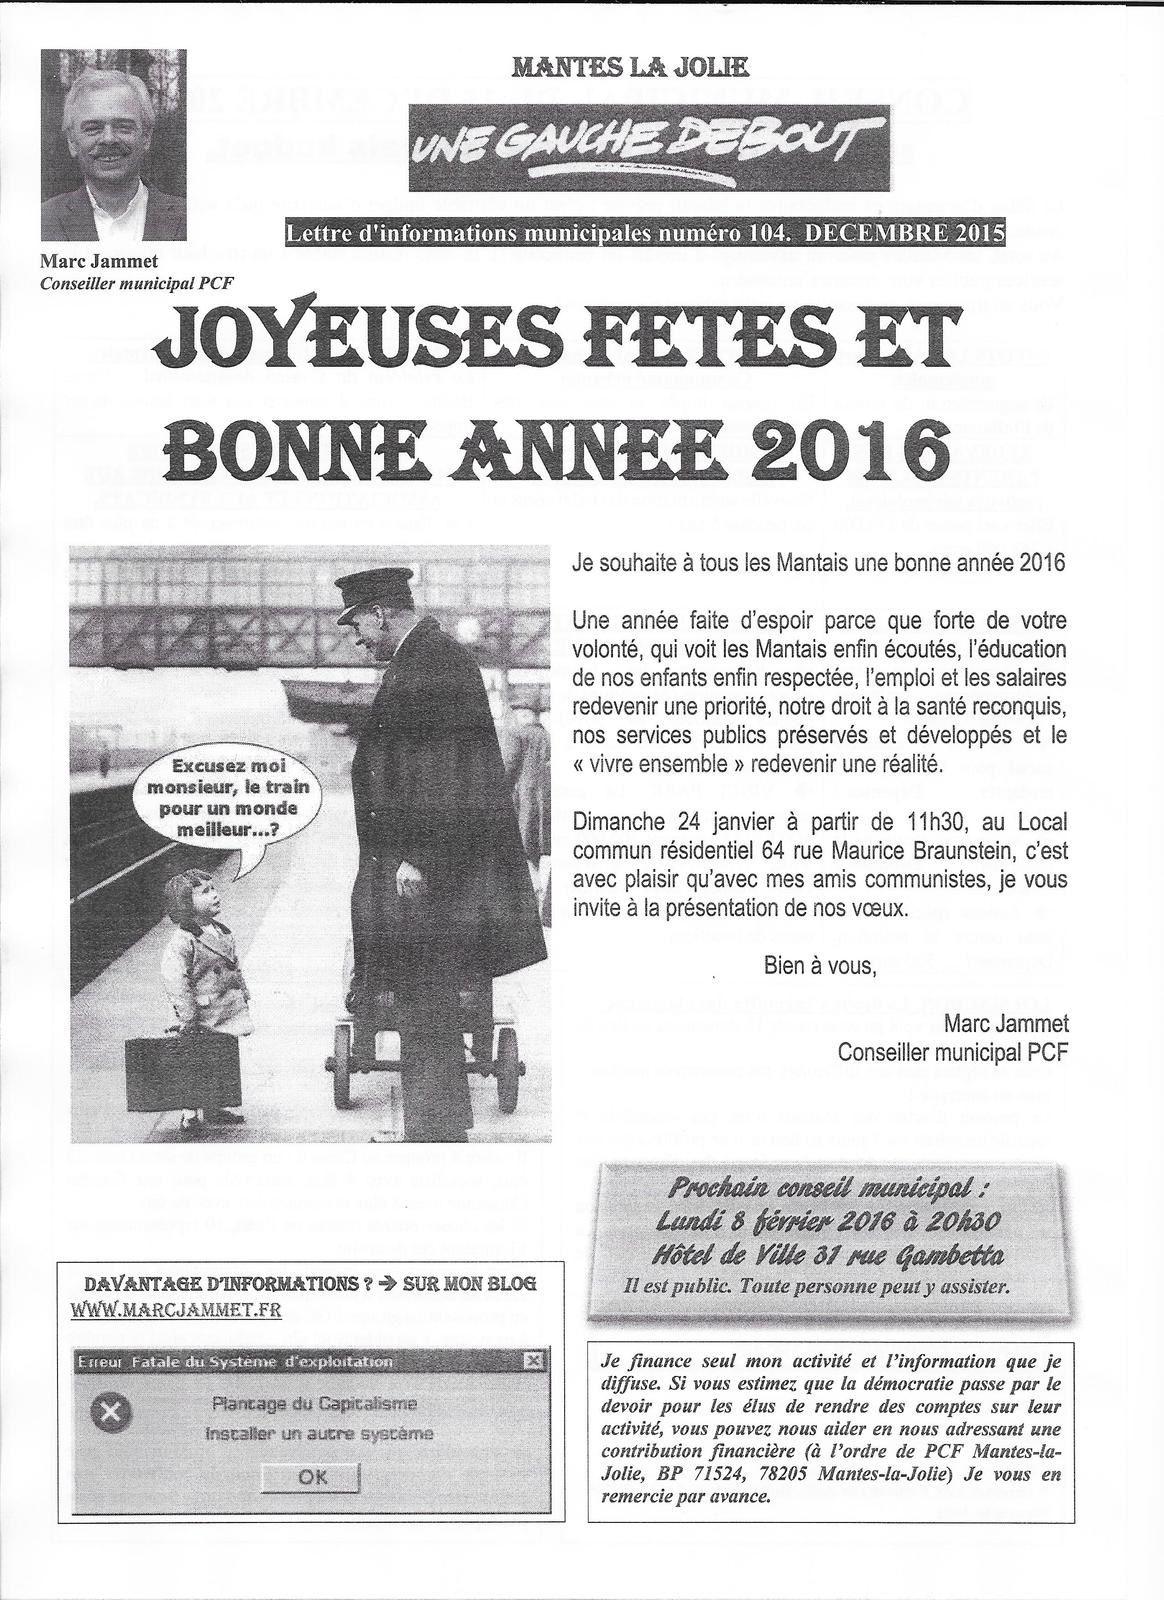 Mantes-la-Jolie. Lettre d'information municipale de notre élu communiste